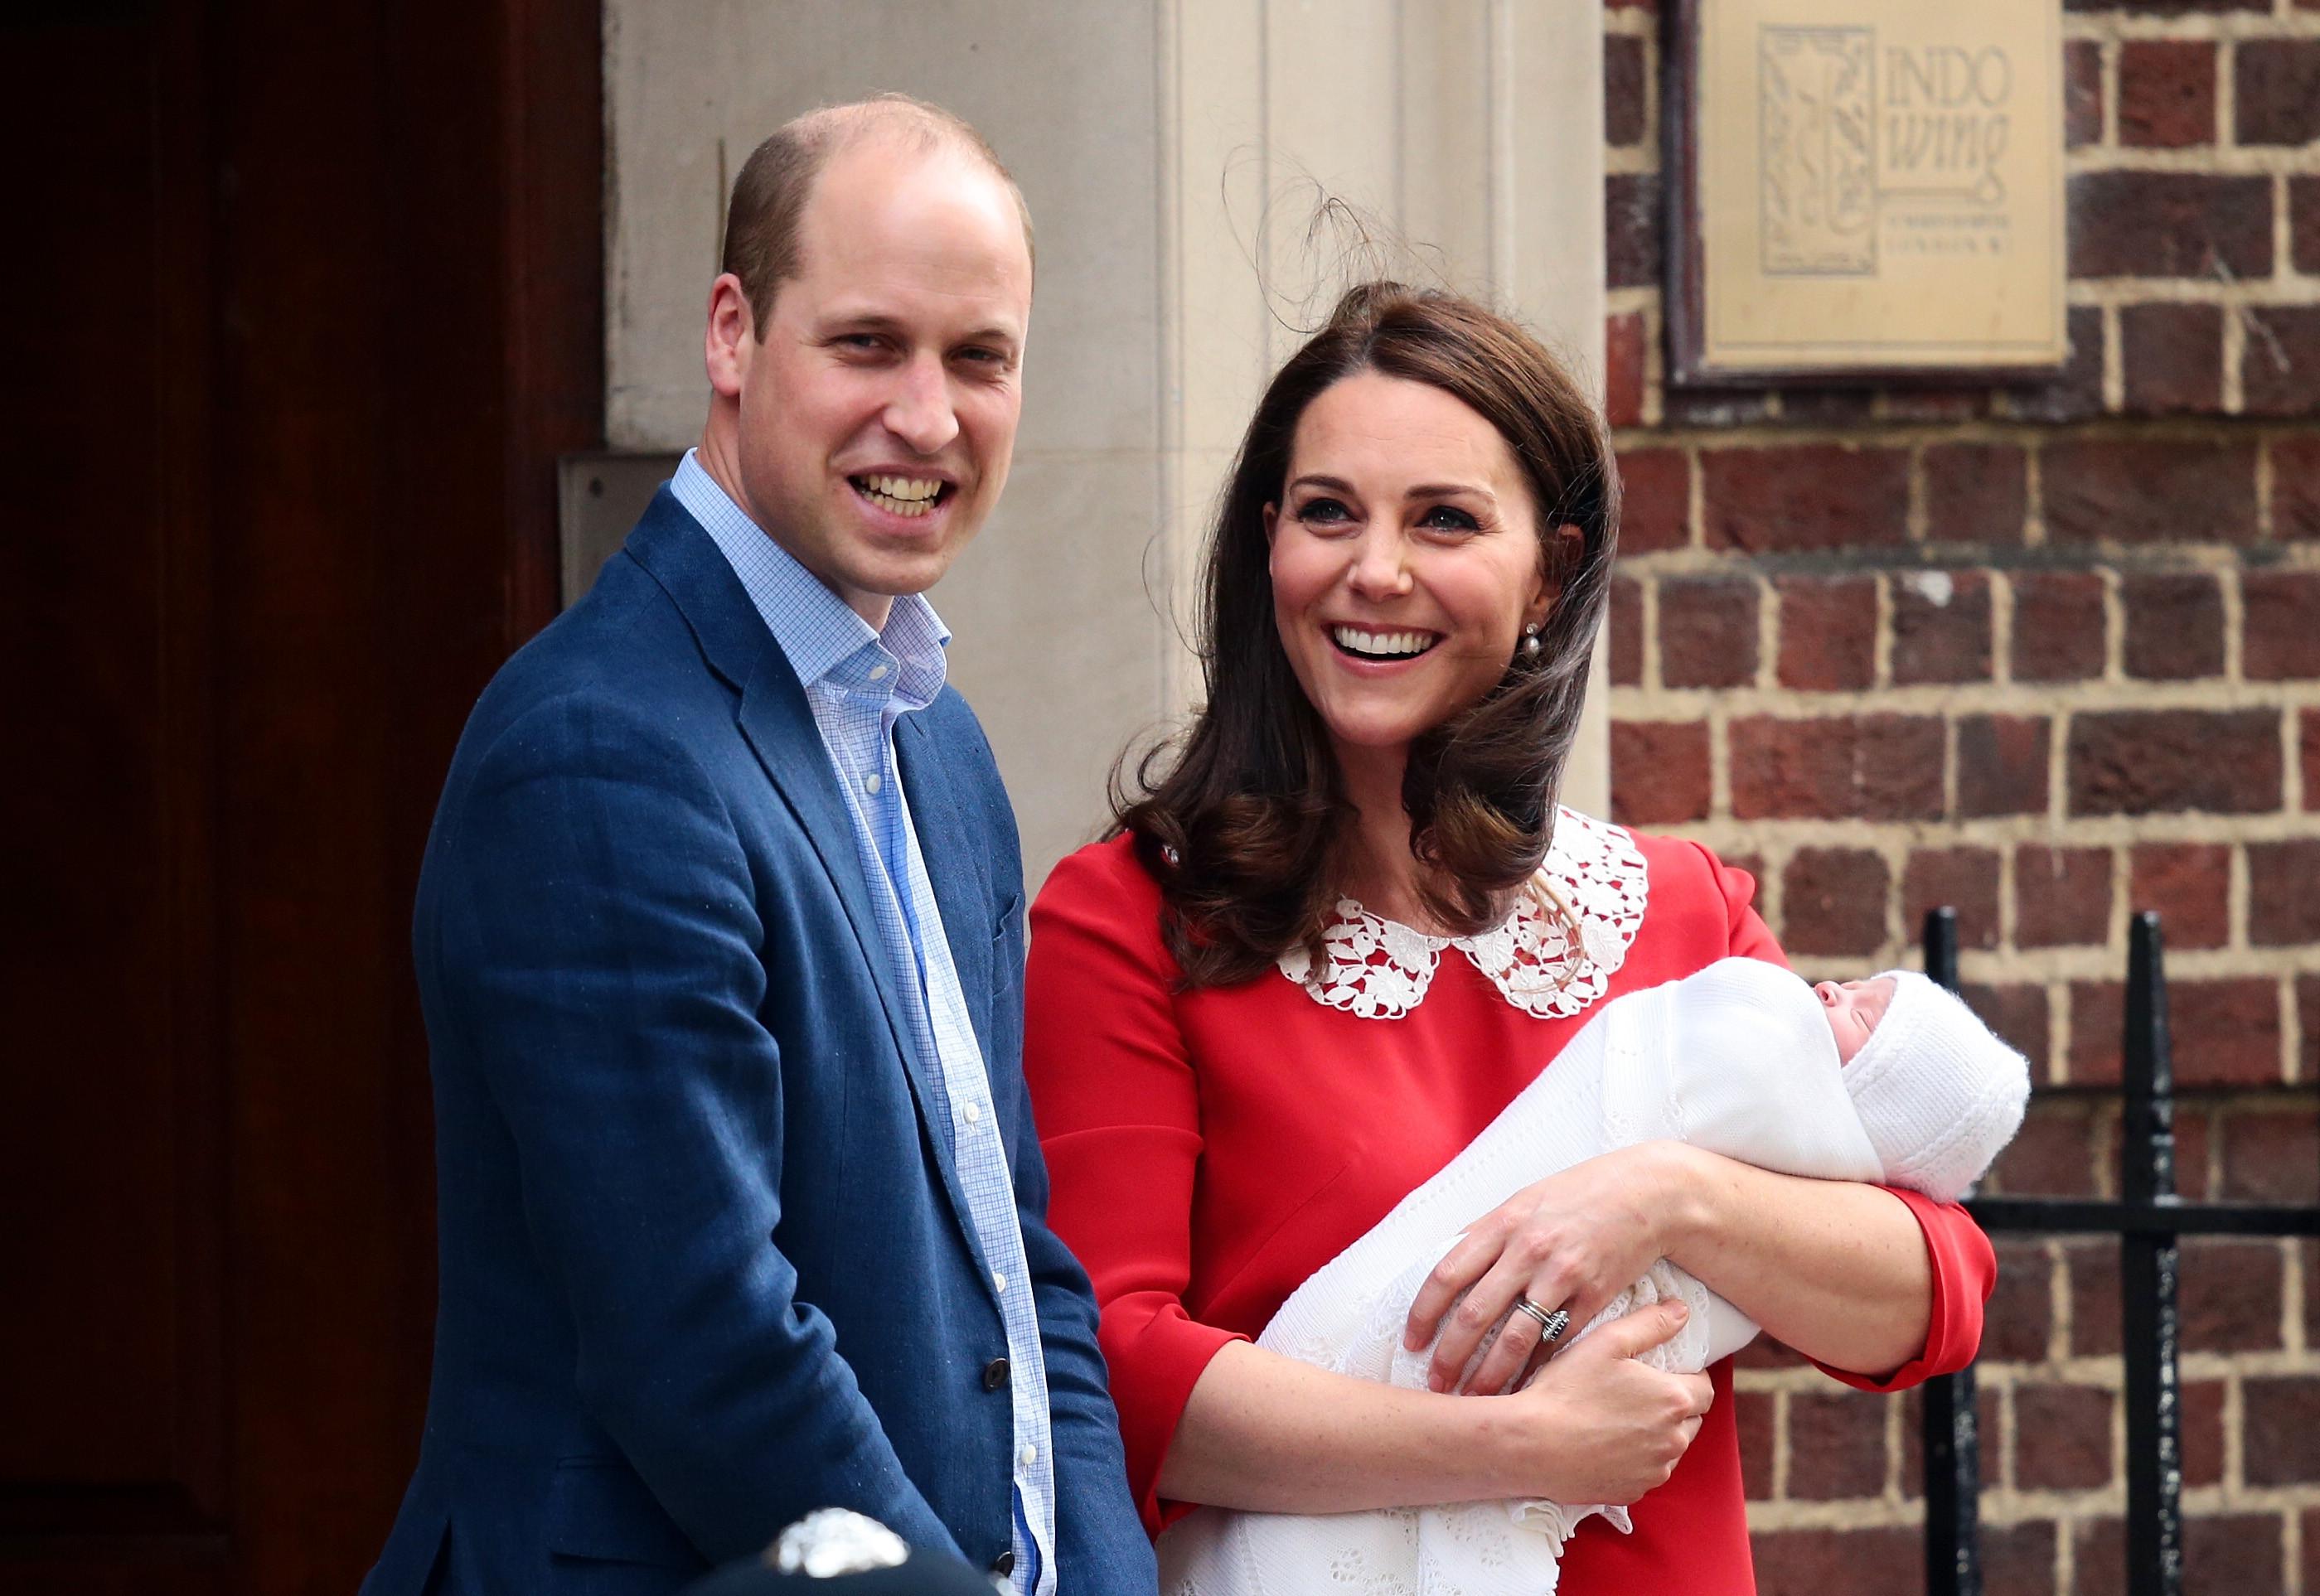 Esta foto é a prova de que o príncipe Louis é igual à mãe, Kate Middleton